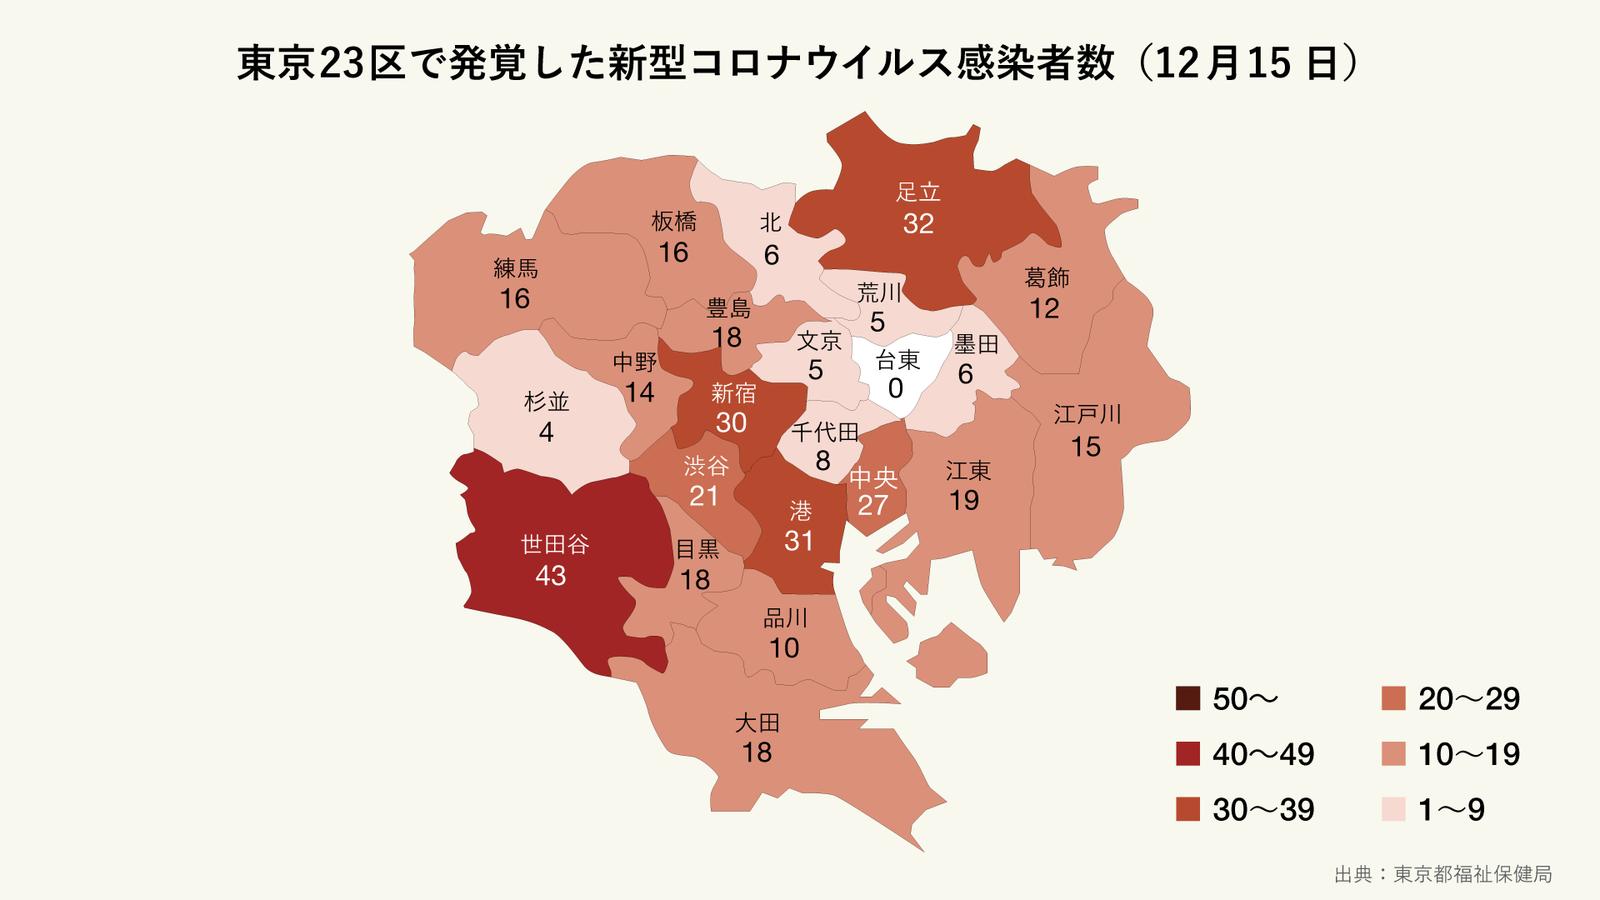 12月15日に発覚した東京23区の区ごとの新型コロナウイルス感染者数(マップ)